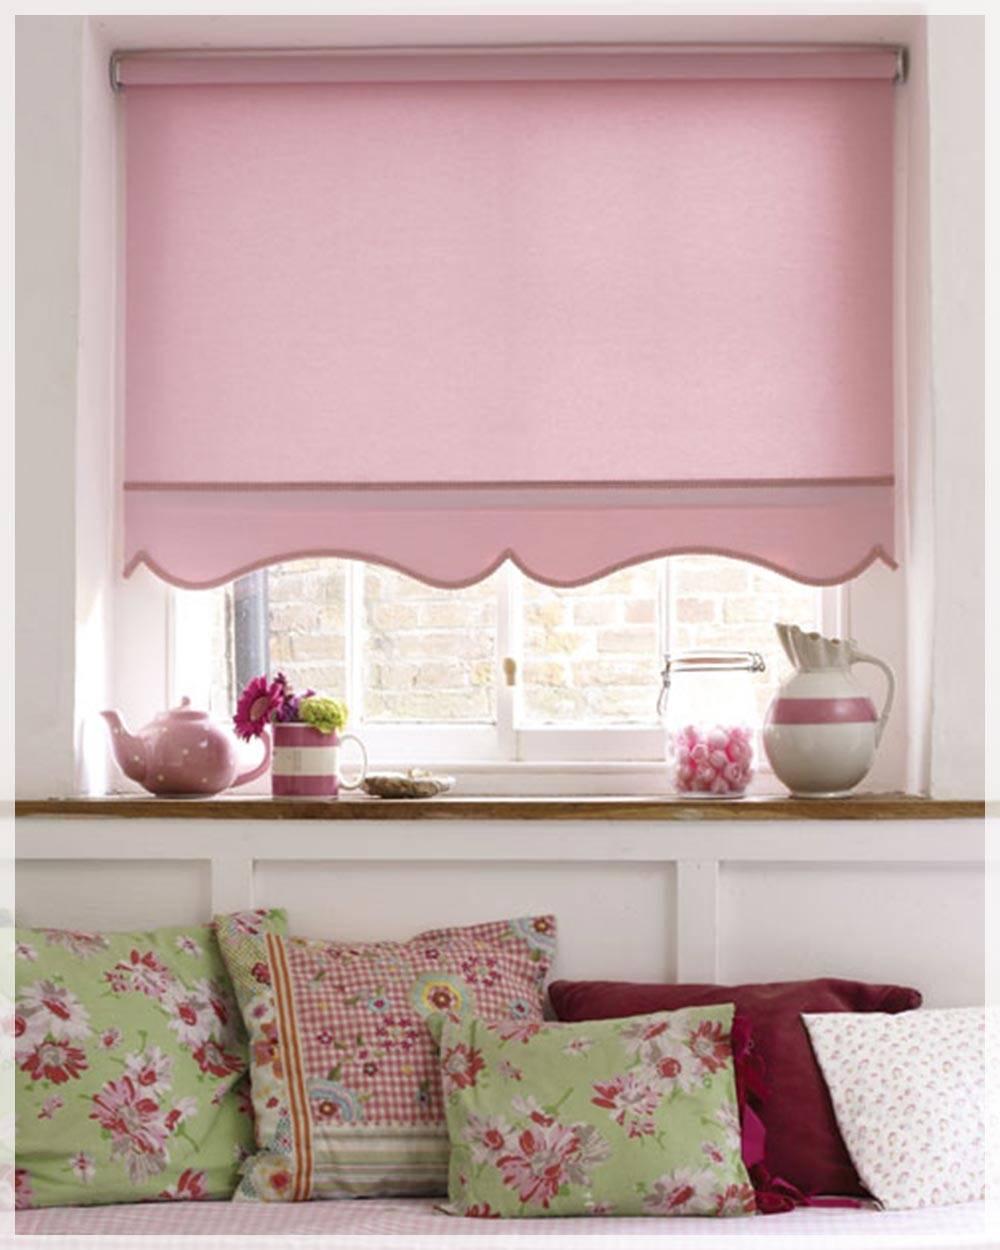 millennium blinds blinds in haslingden blinds in rossendale